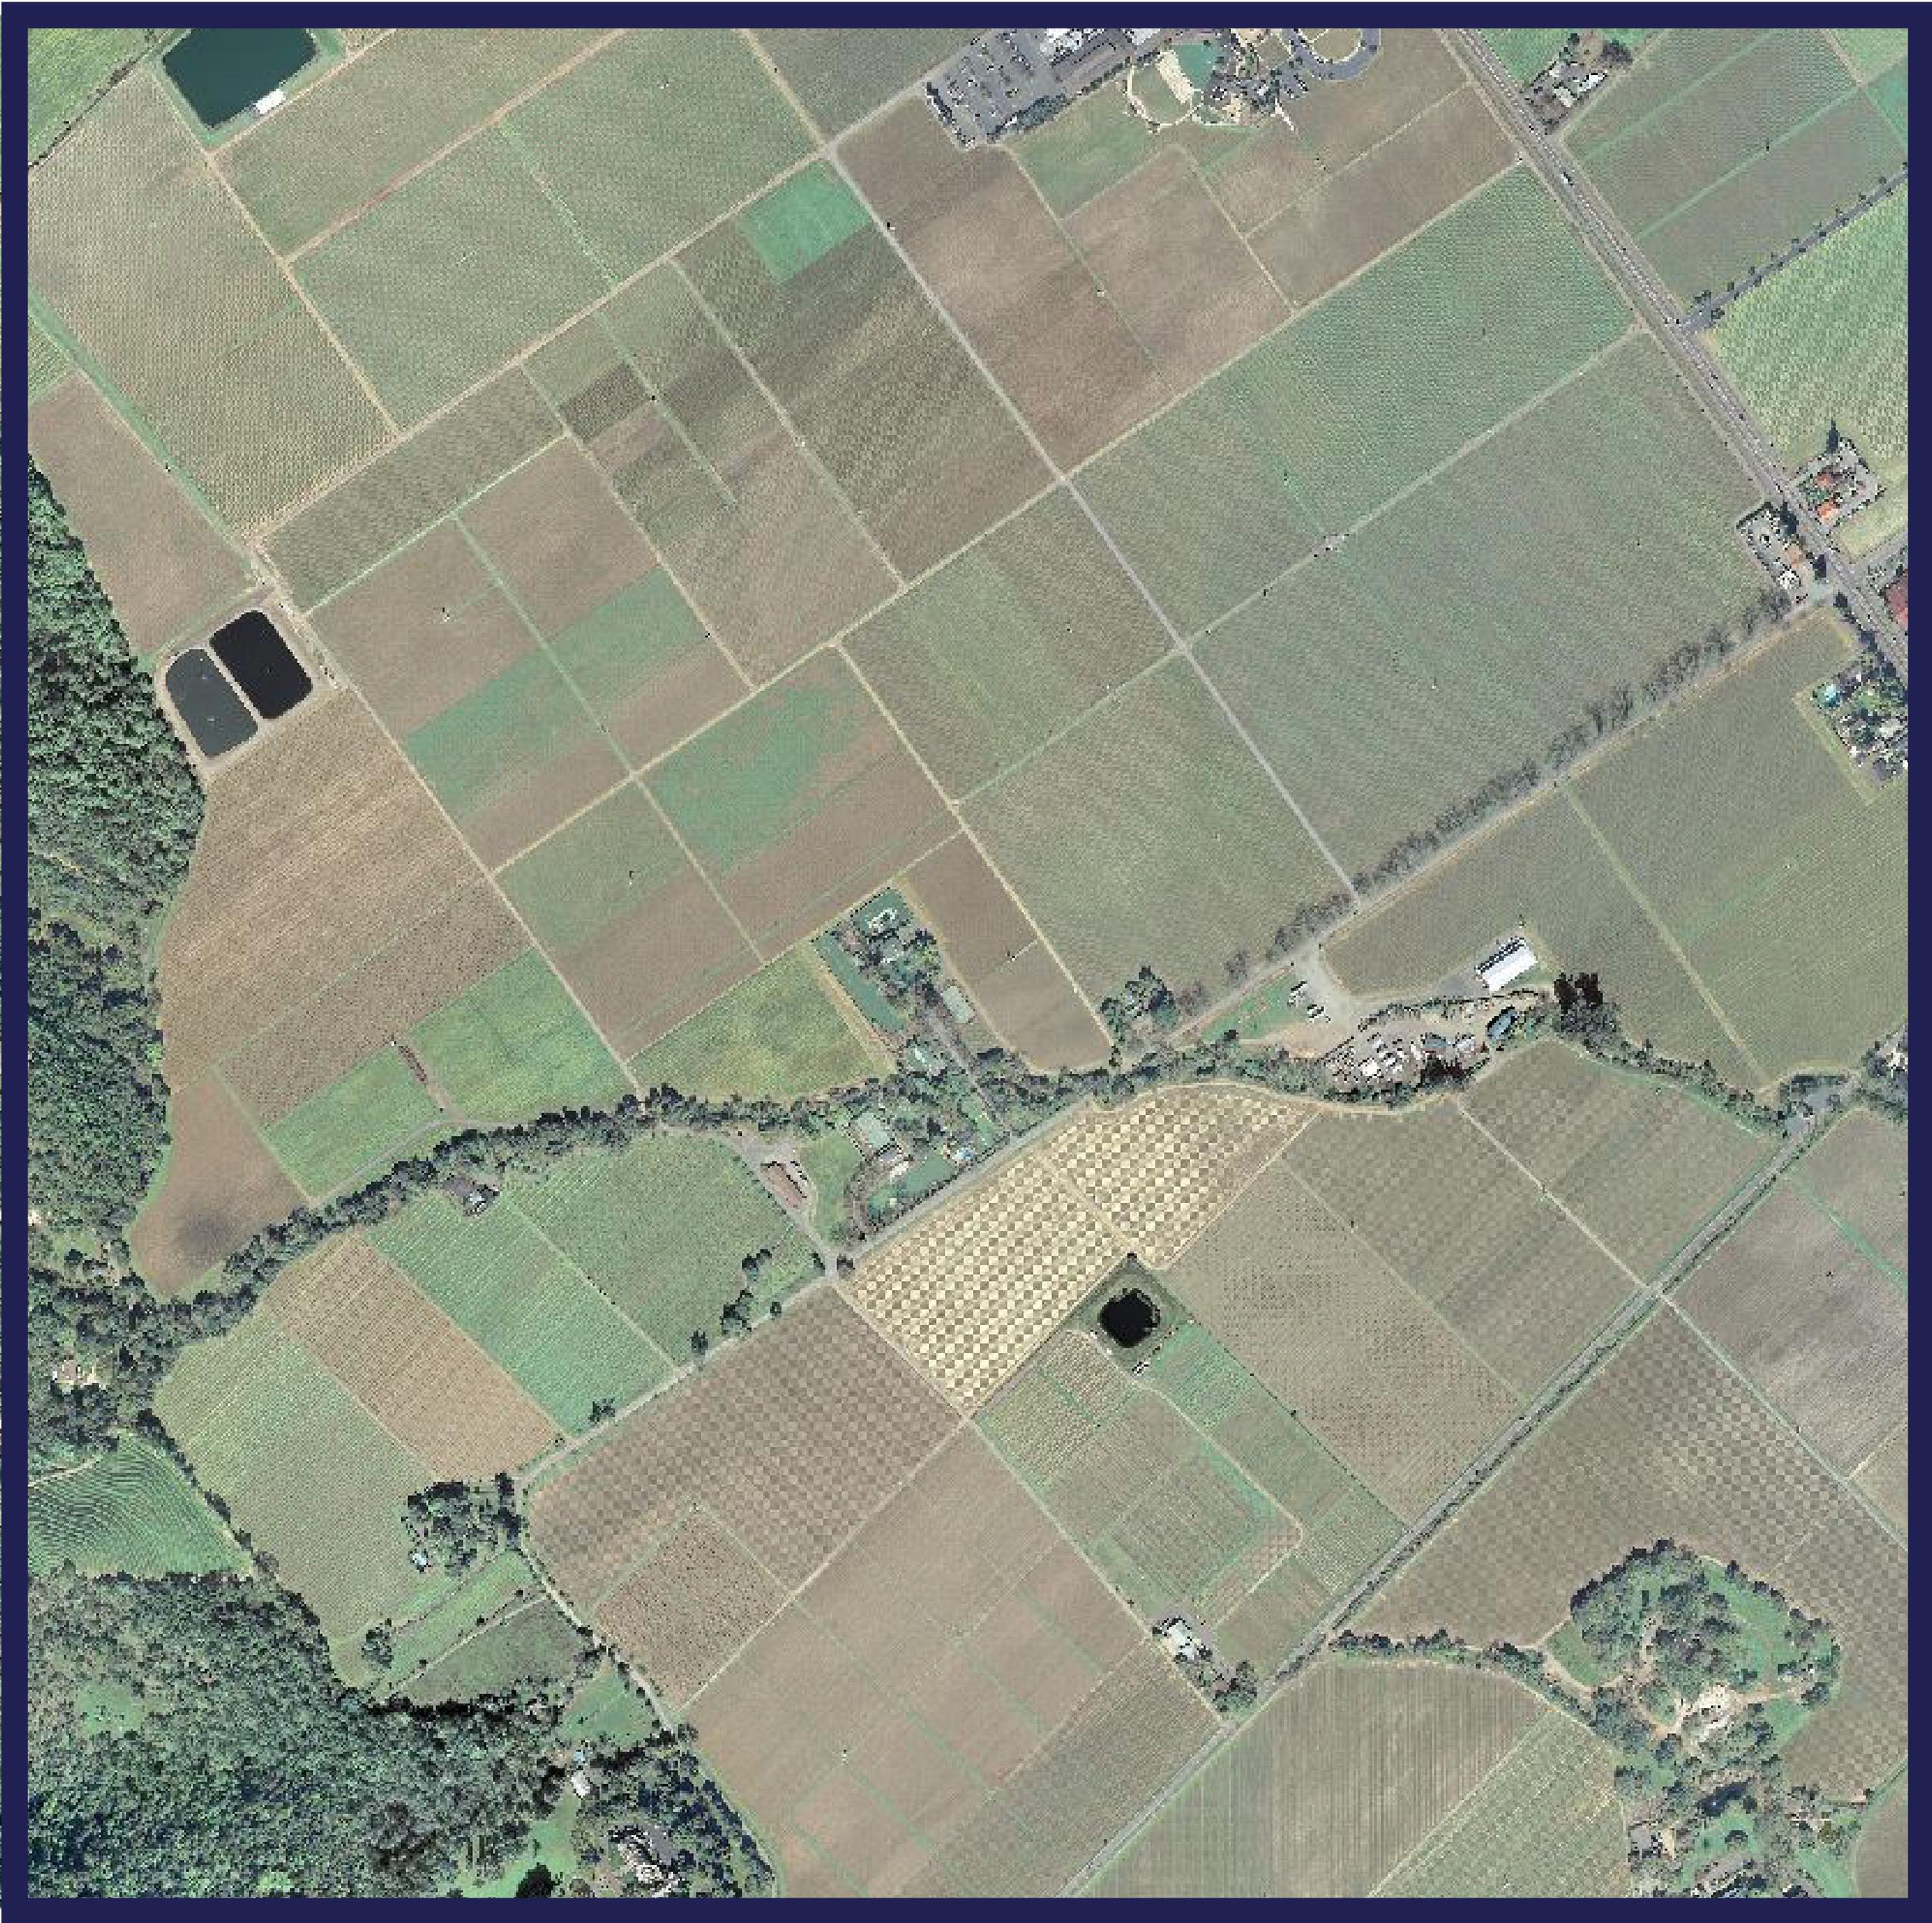 • Image analysis (eg. NDVI)    • Digital elevation models    • Vegetation mapping    • LiDAR mapping & analysis    • Object Based Image Analysis